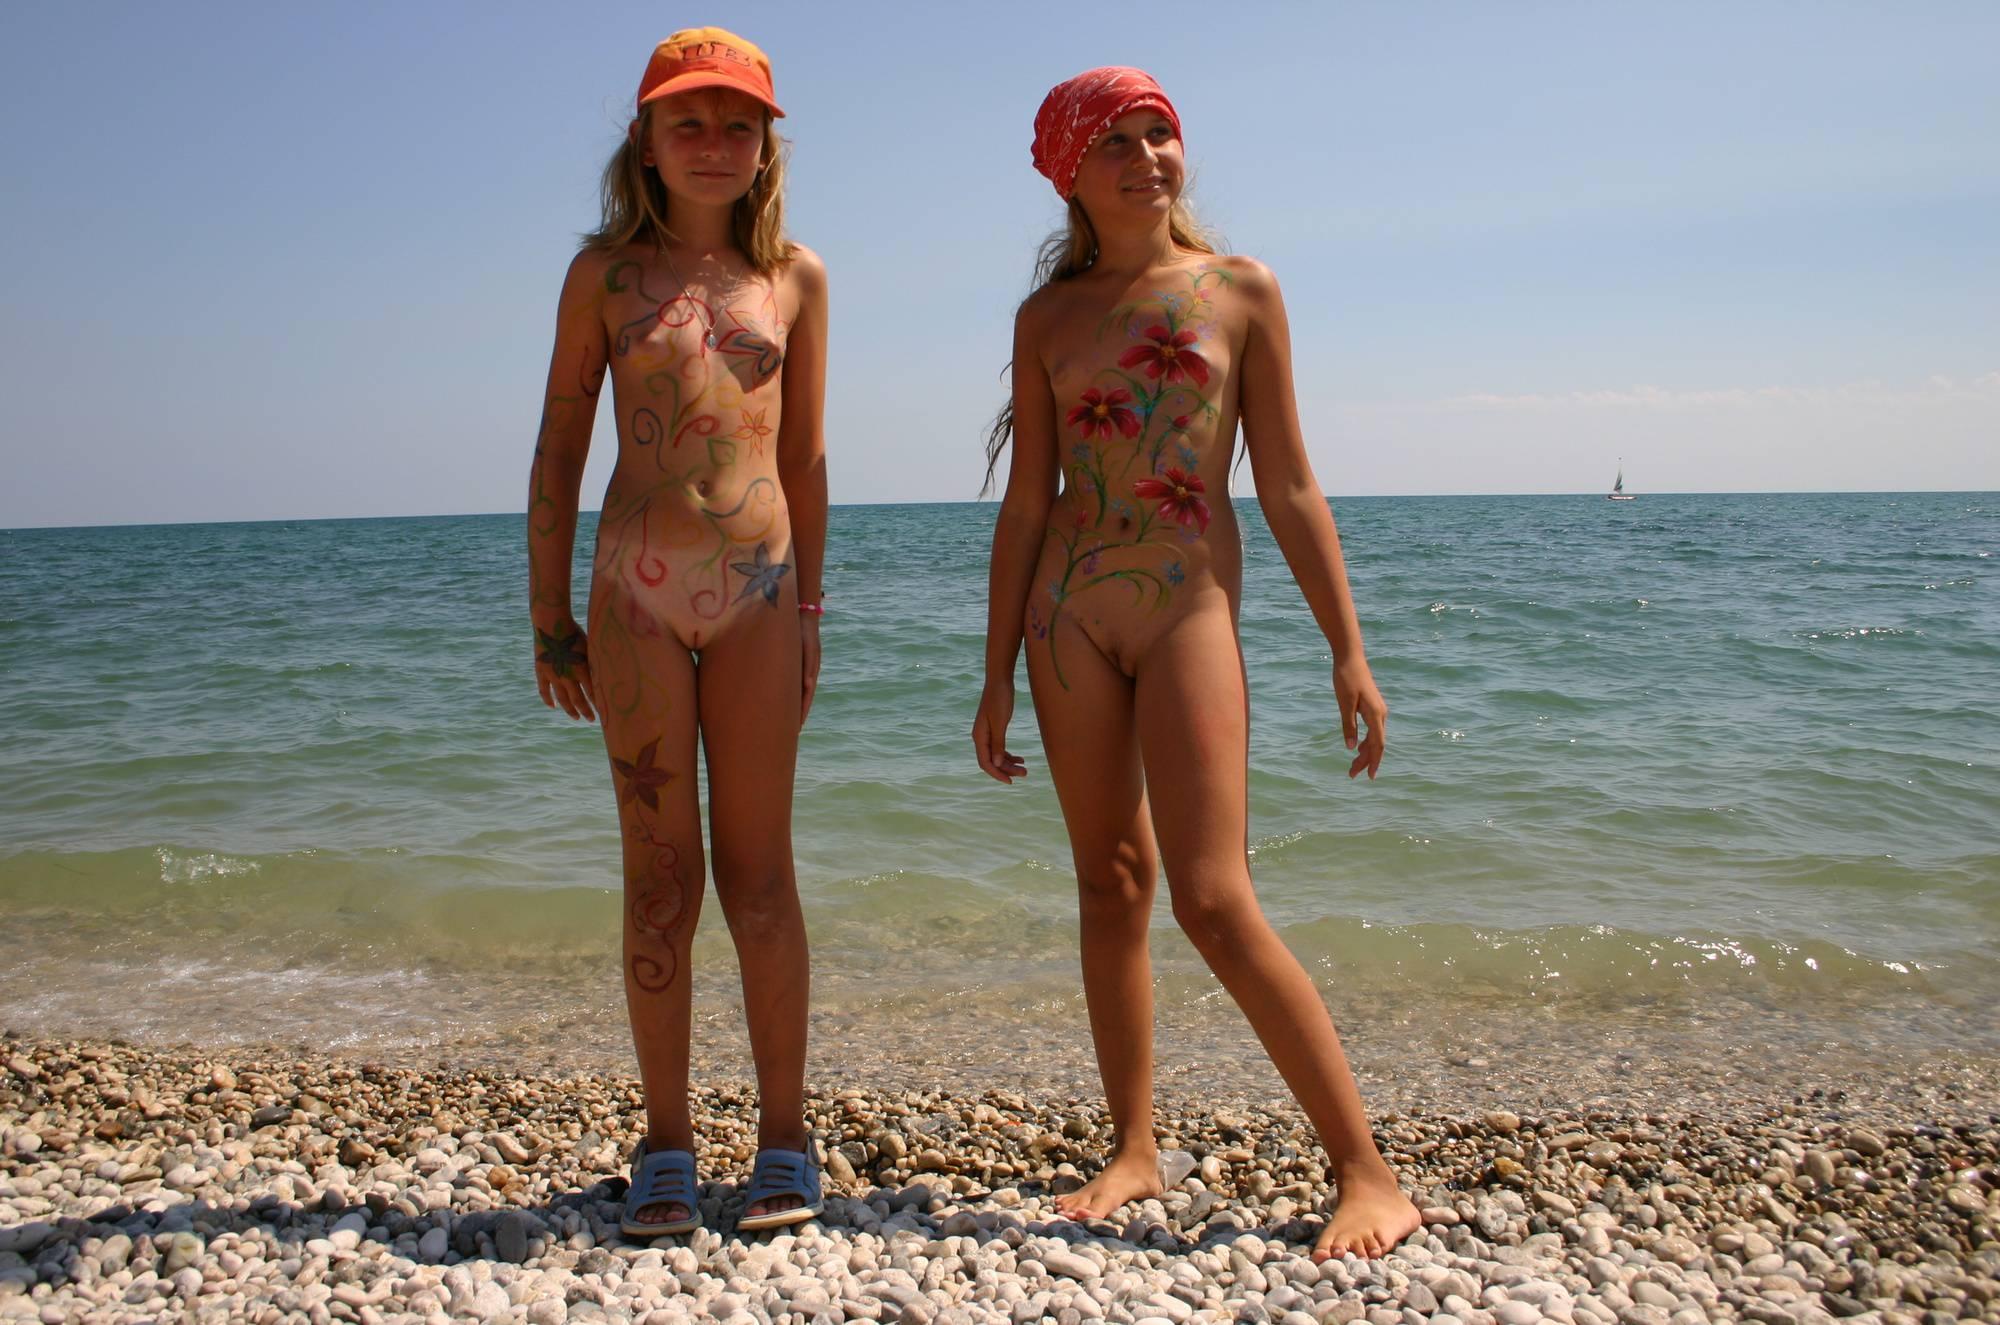 Purenudism Photos-Nude Body Paint Profile - 3